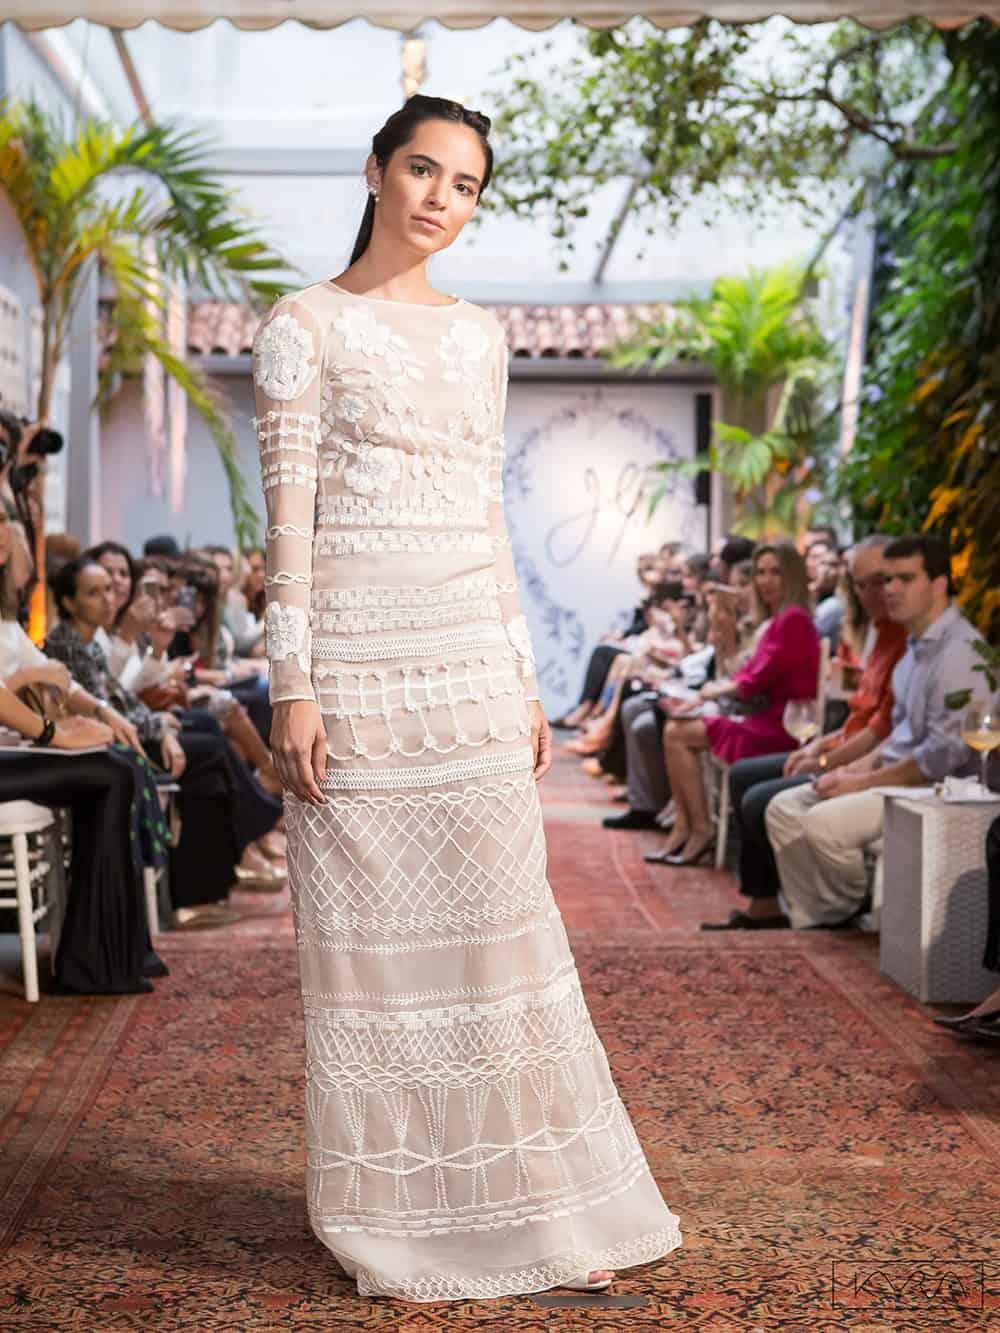 desfile-vestido-de-noiva-entardecer-julia-golldenzon-foto-kyra-mirsky-33